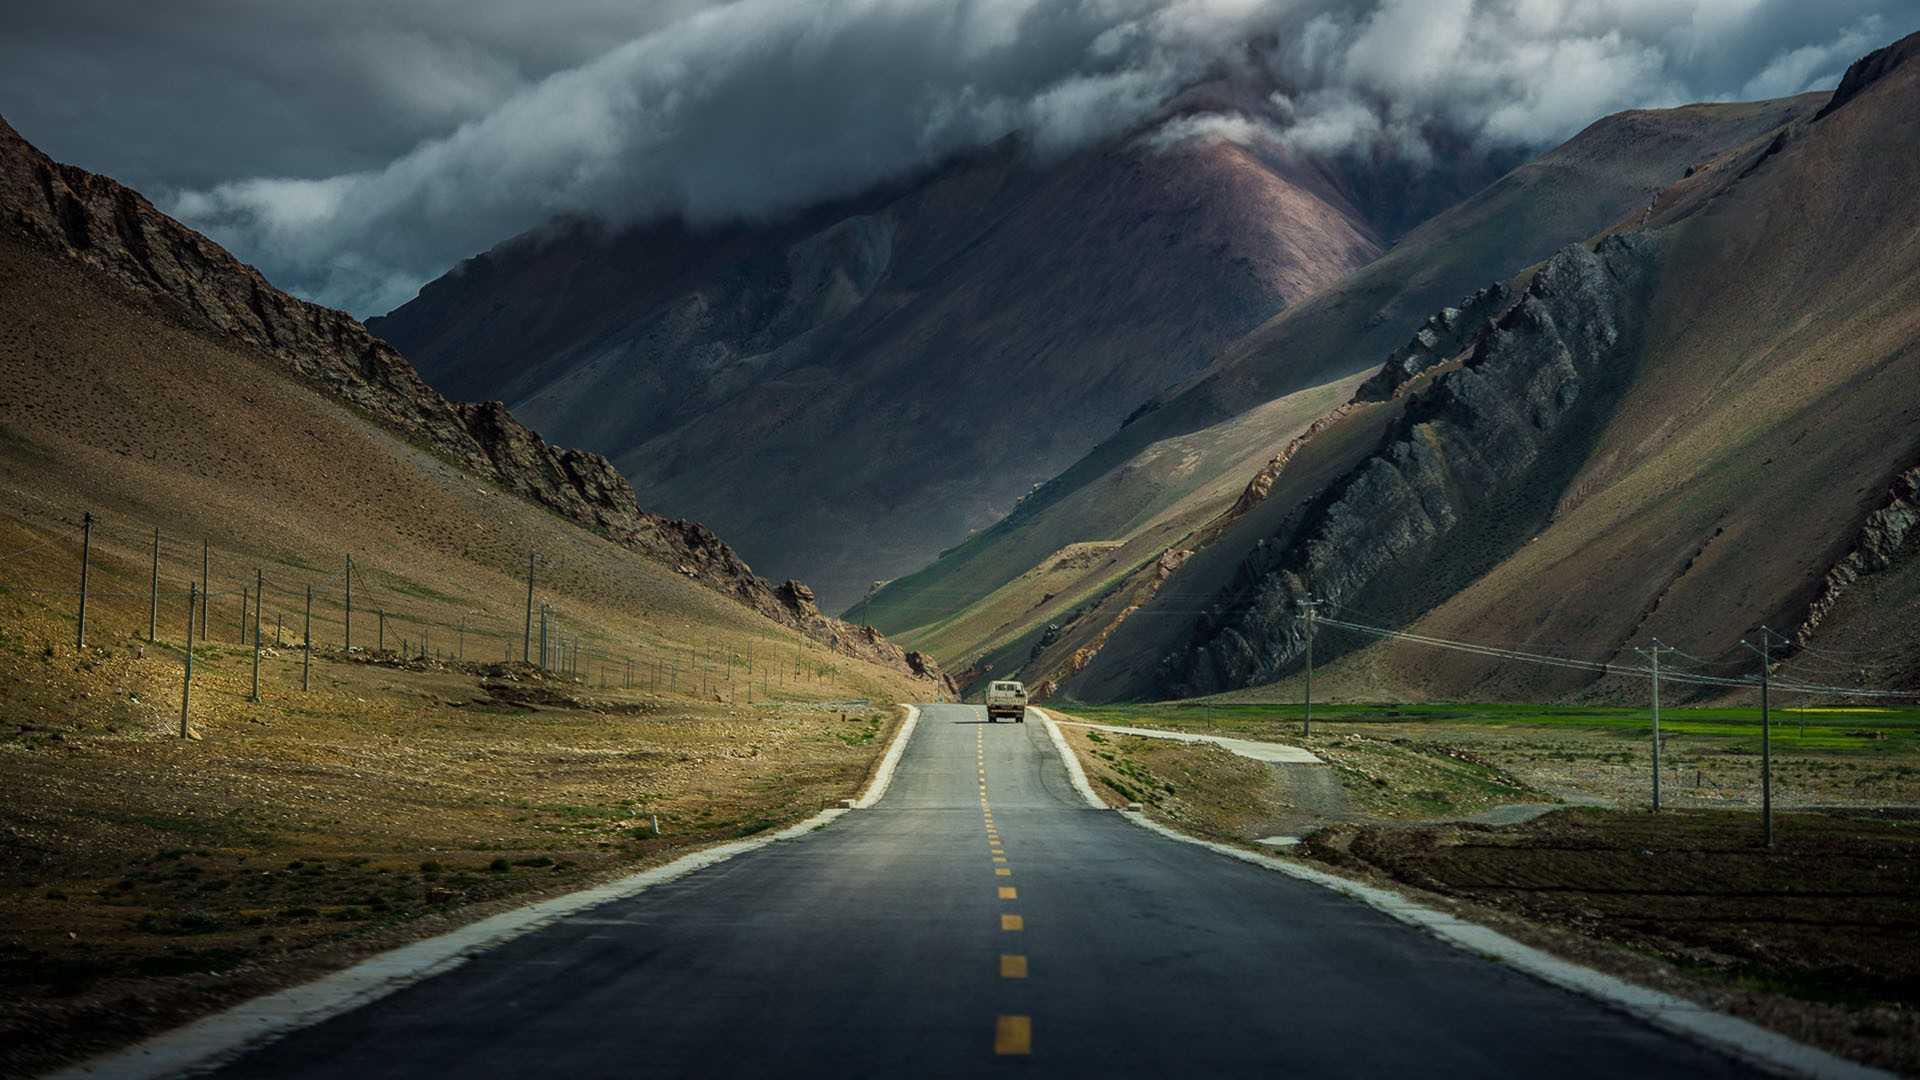 Stunning Tibet Wallpaper 36487 1680x1050 px